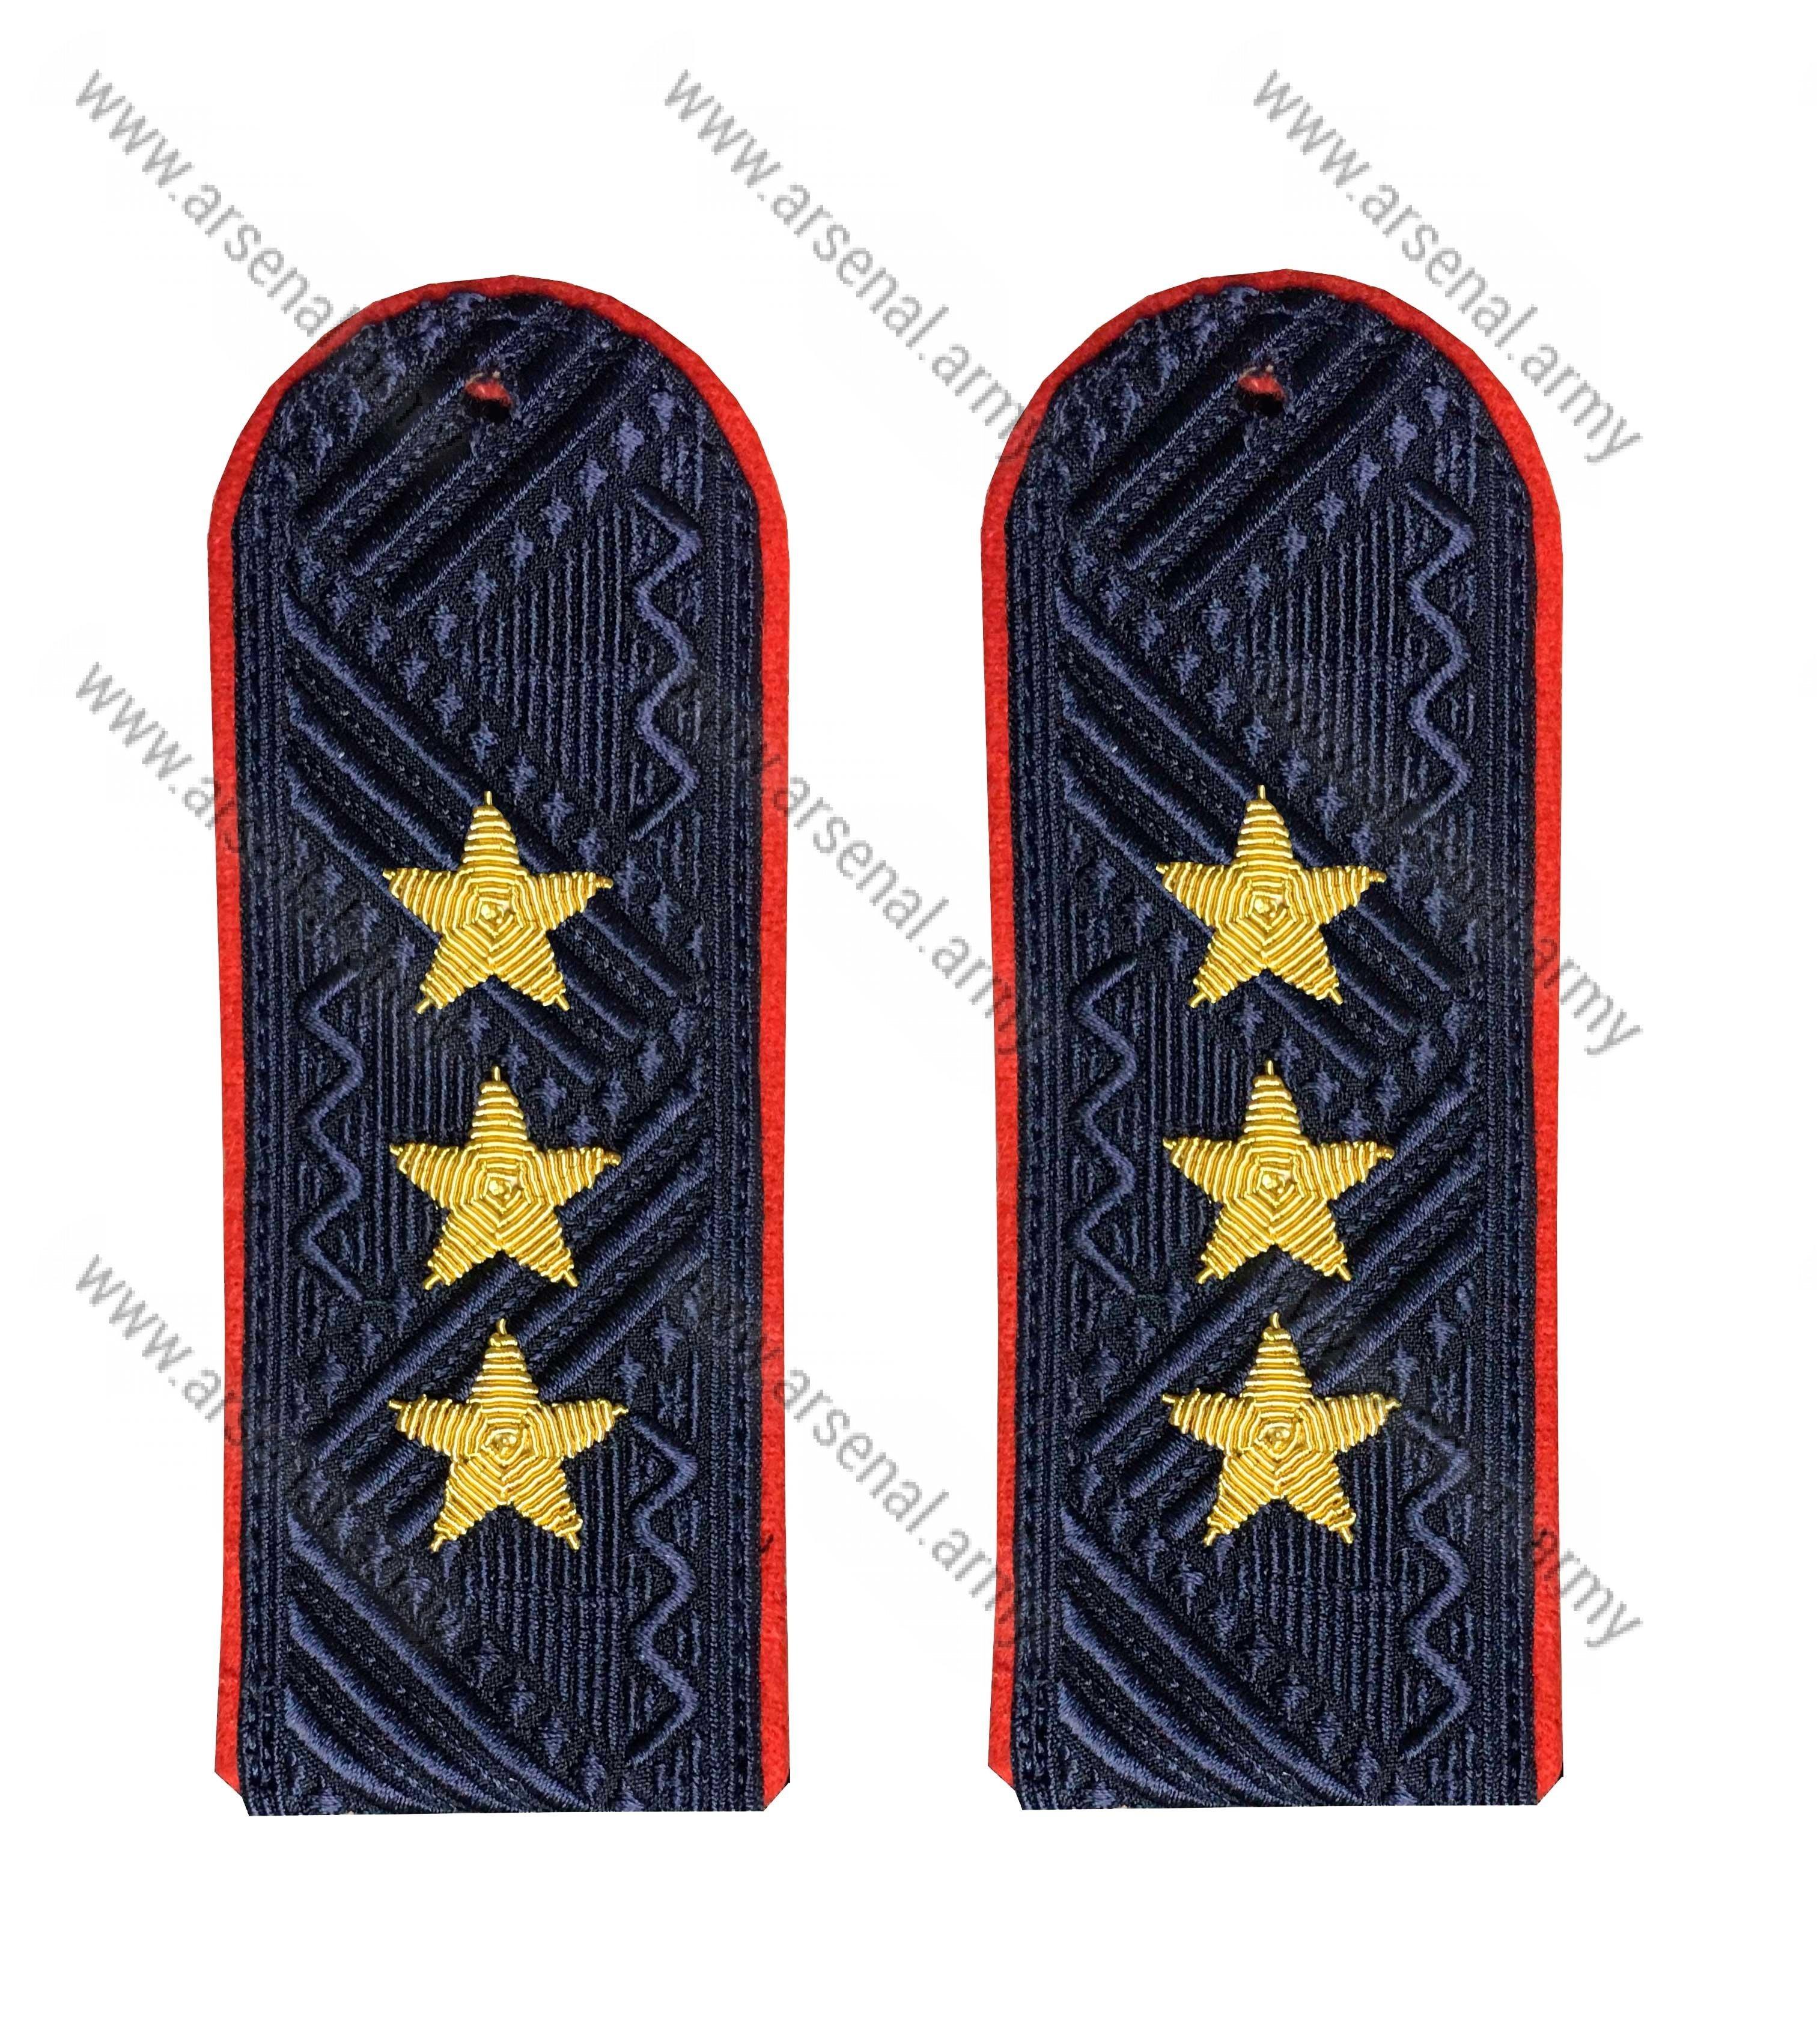 Погоны полиции на китель Генерал-полковник